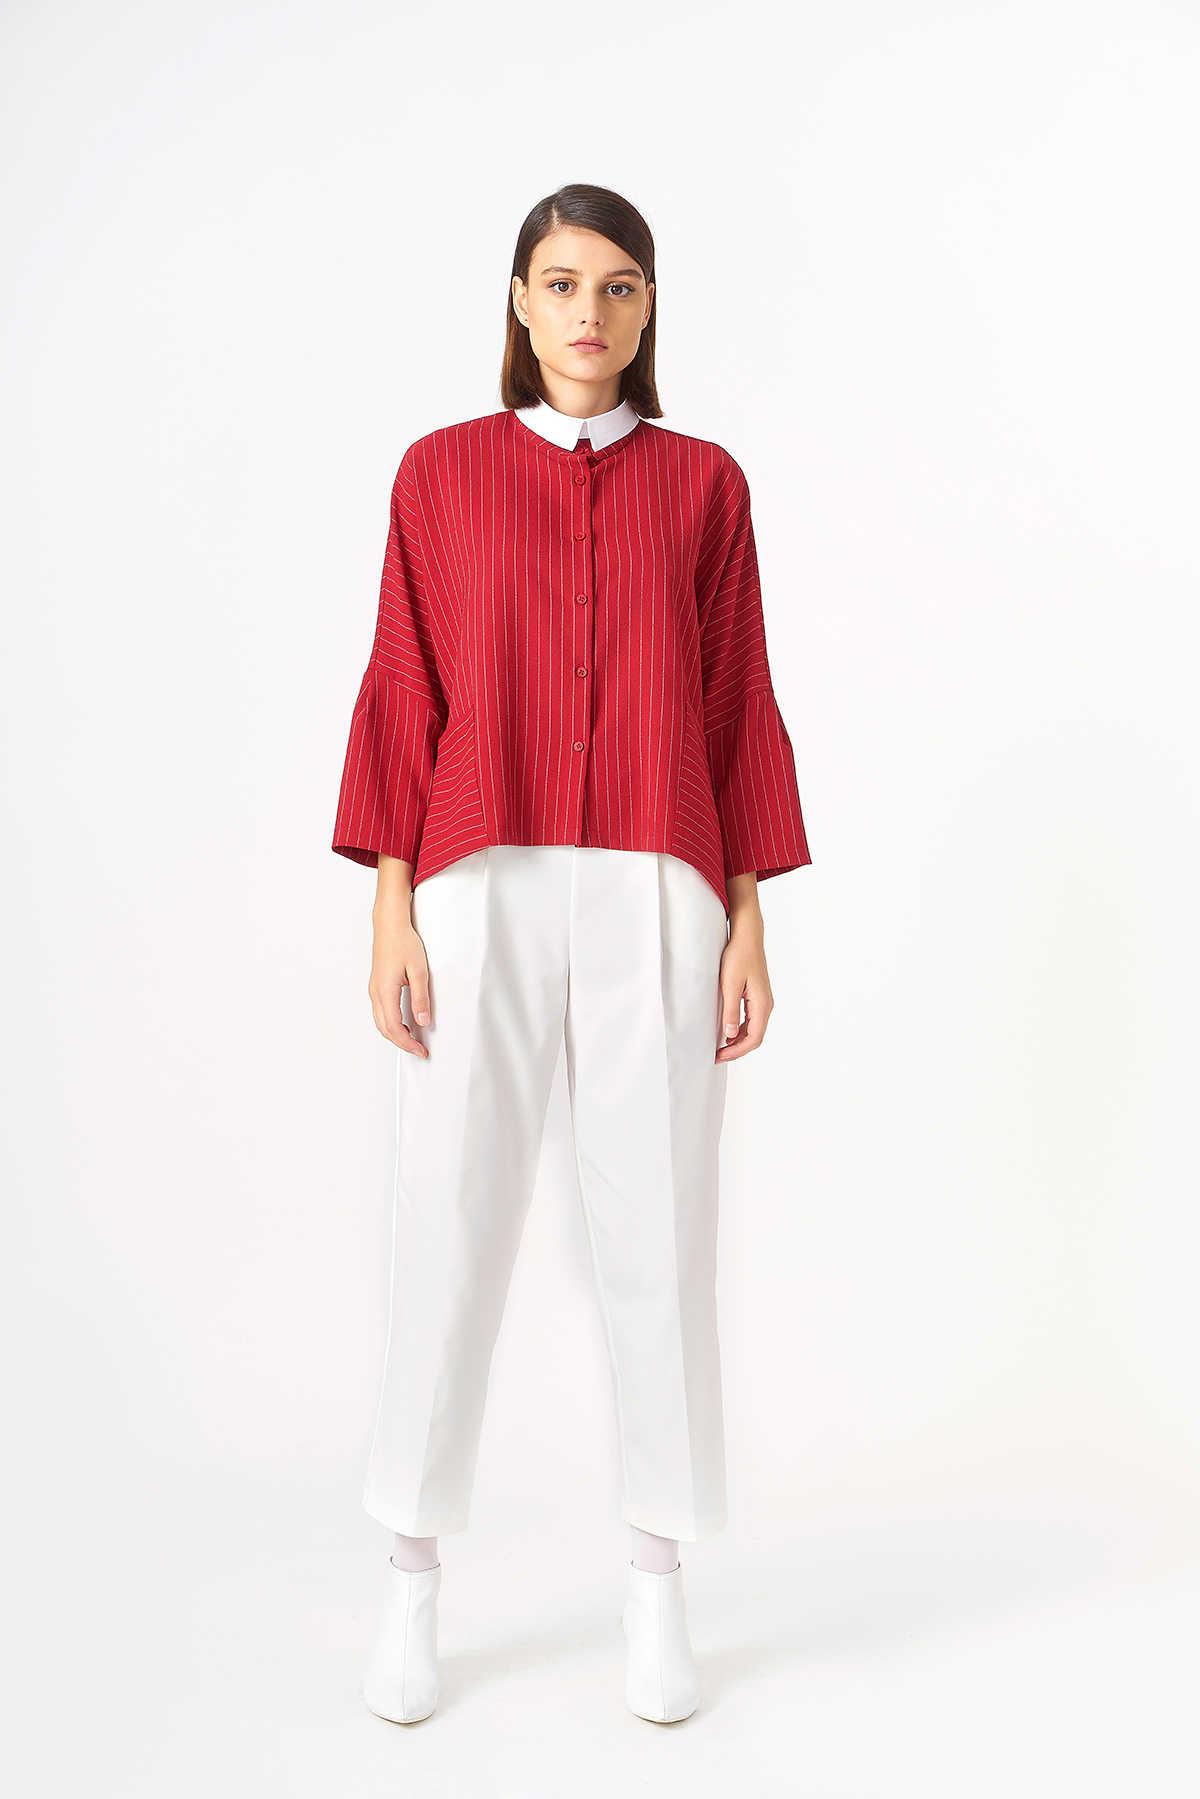 Kuaybe Gider - 1043 Gömlek Kırmızı